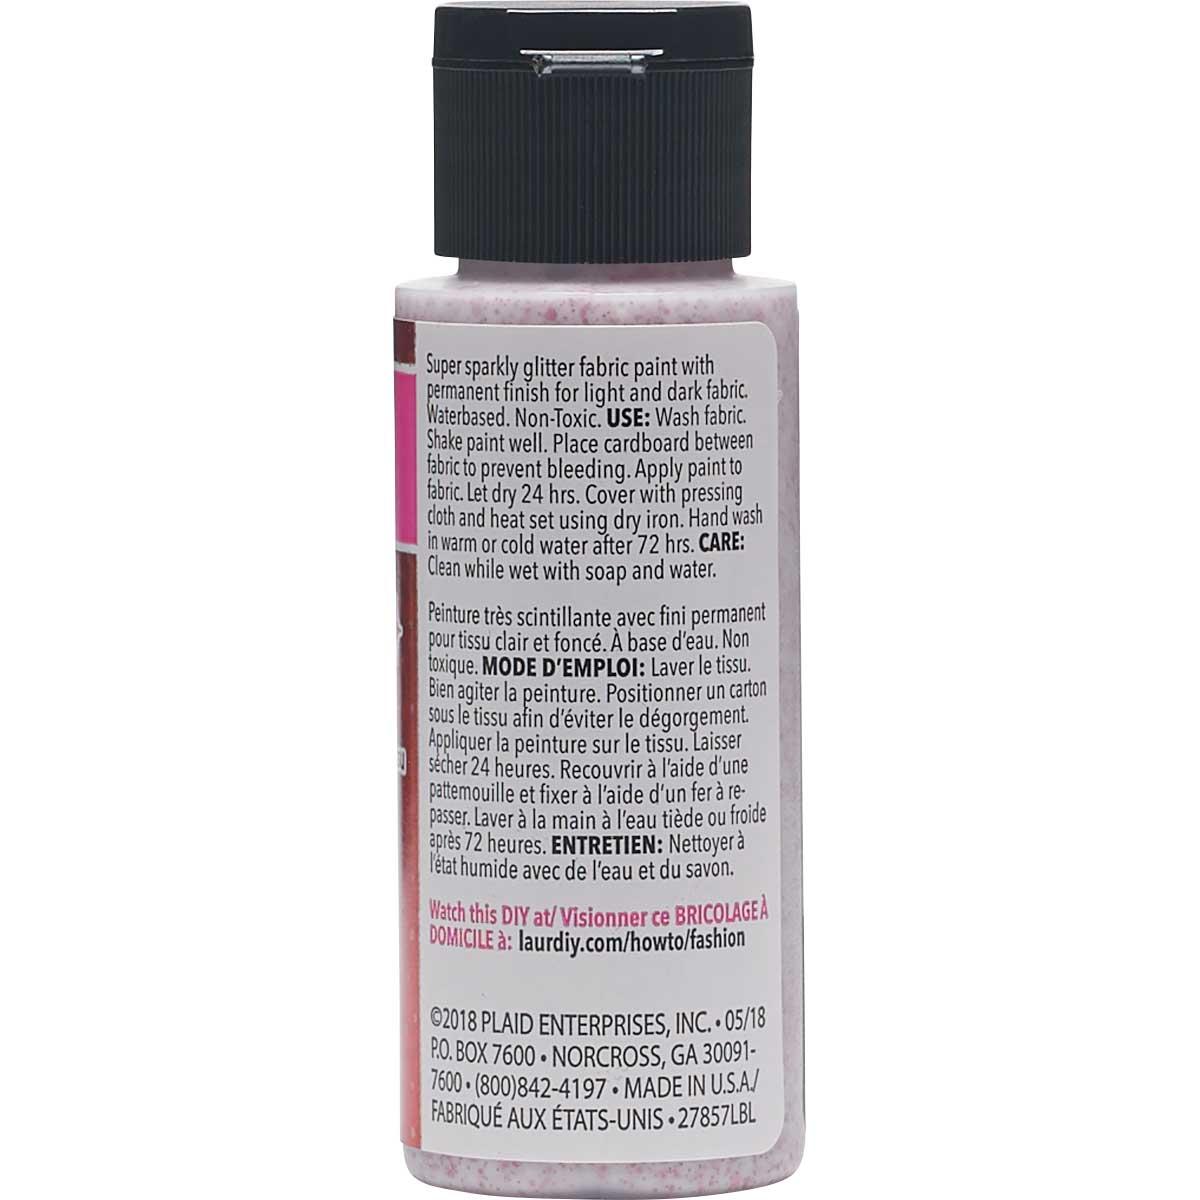 LaurDIY ® Galaxy Glitter Fabric Paint - Solar Flare, 2 oz.